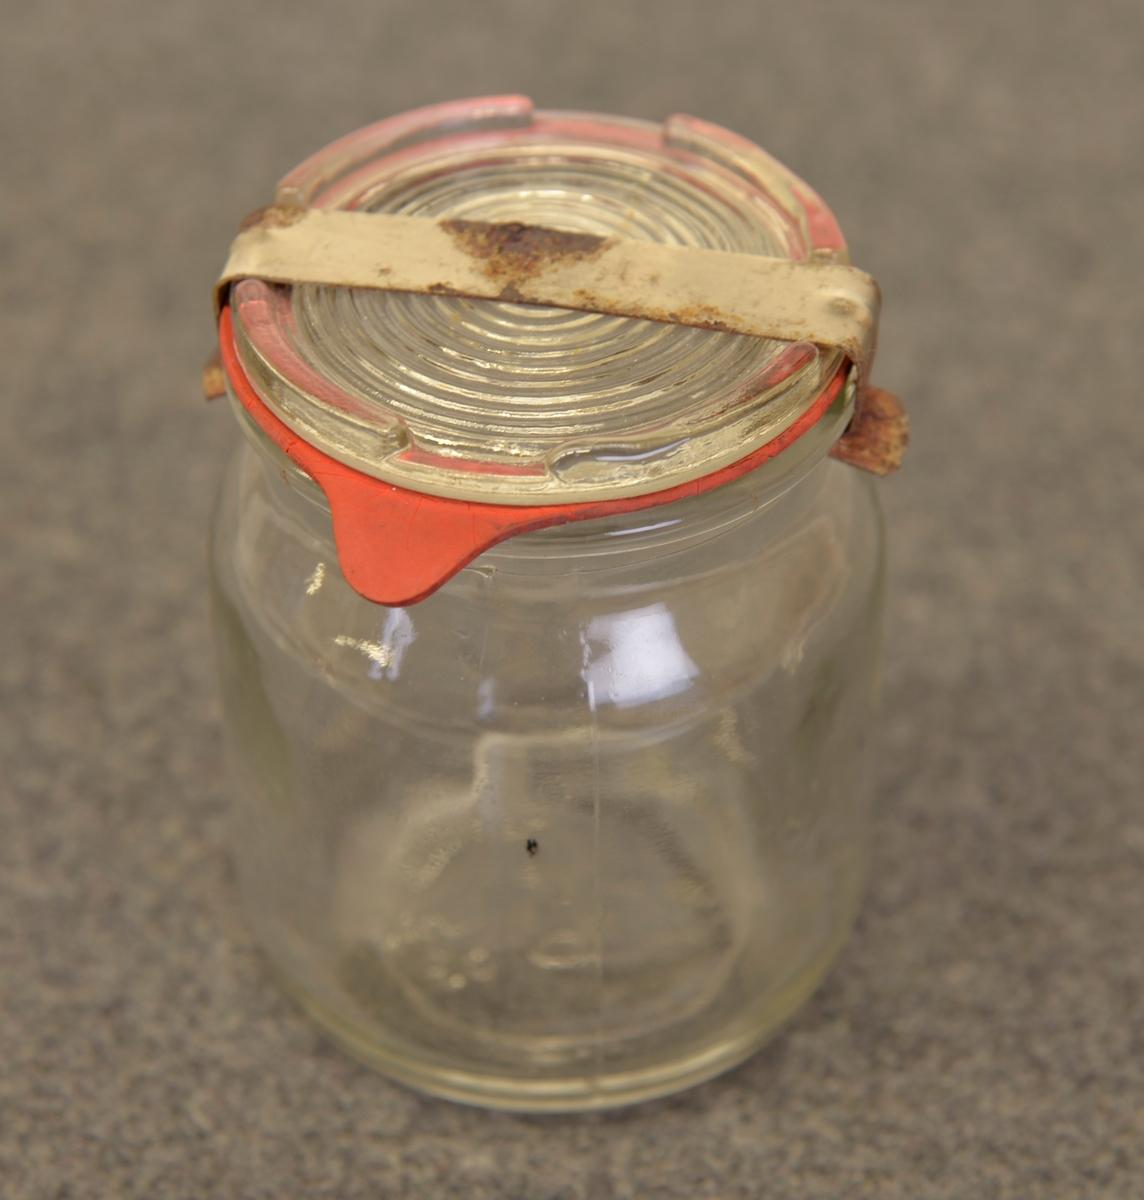 Två glasburkar med glaslock och metallbygel. Den ena har även gummiring. Locken är refflade. Märkta i botten med S och tre stjärnor, under detta siffrorna 250.  Innehåller 2,5 dl.  Från Arne Ekströms handelsmuseum.